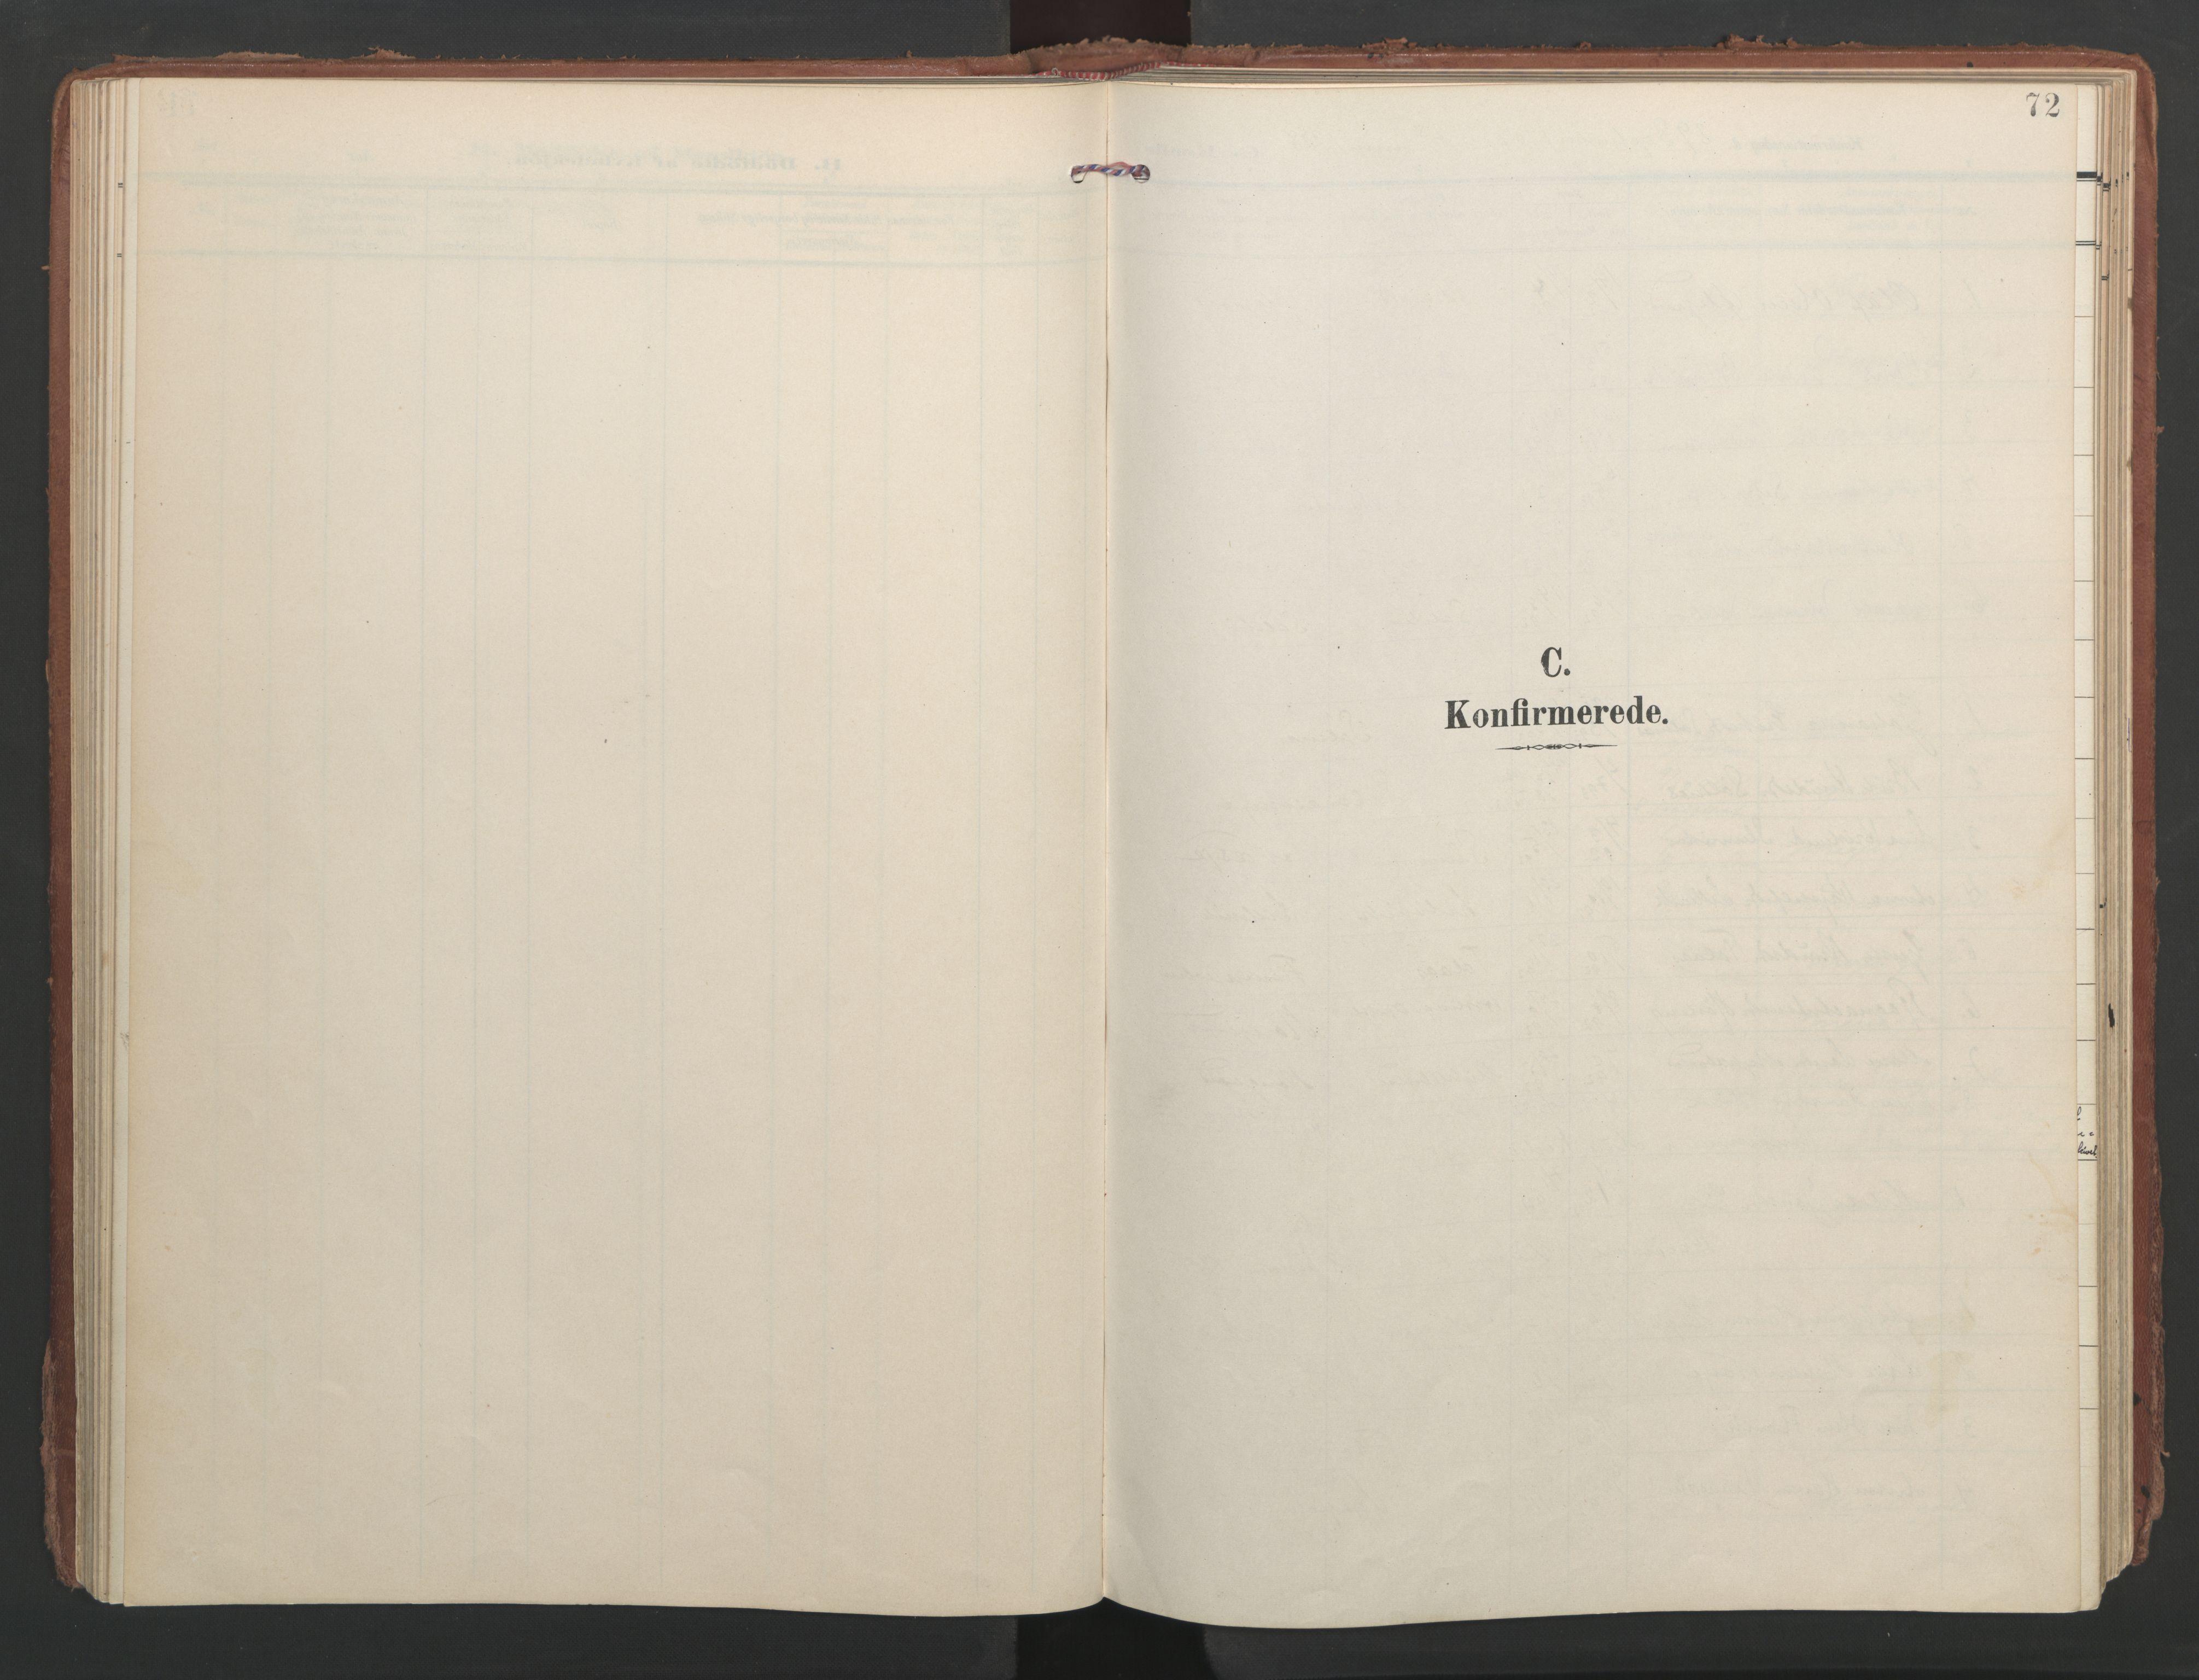 SAT, Ministerialprotokoller, klokkerbøker og fødselsregistre - Møre og Romsdal, 547/L0605: Ministerialbok nr. 547A07, 1907-1936, s. 72